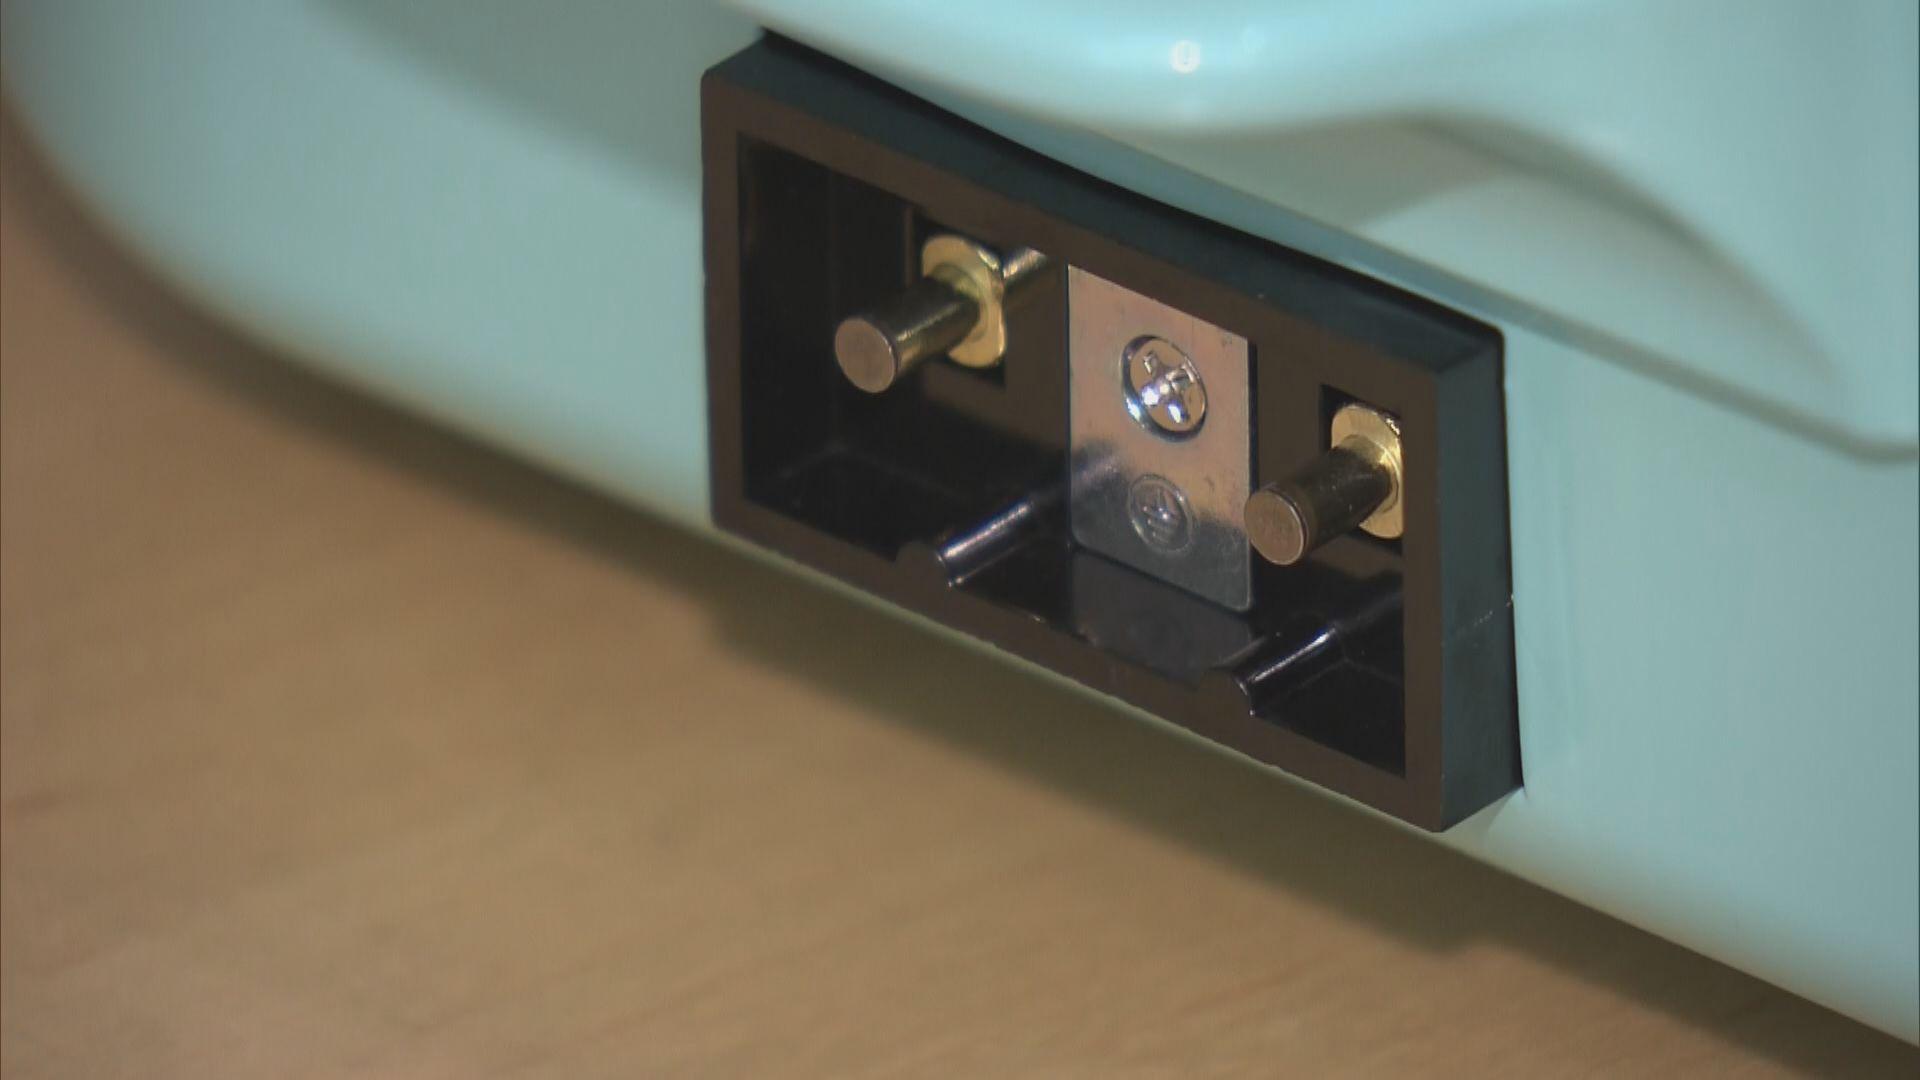 兩款電熱爐洩漏電流過高增觸電風險